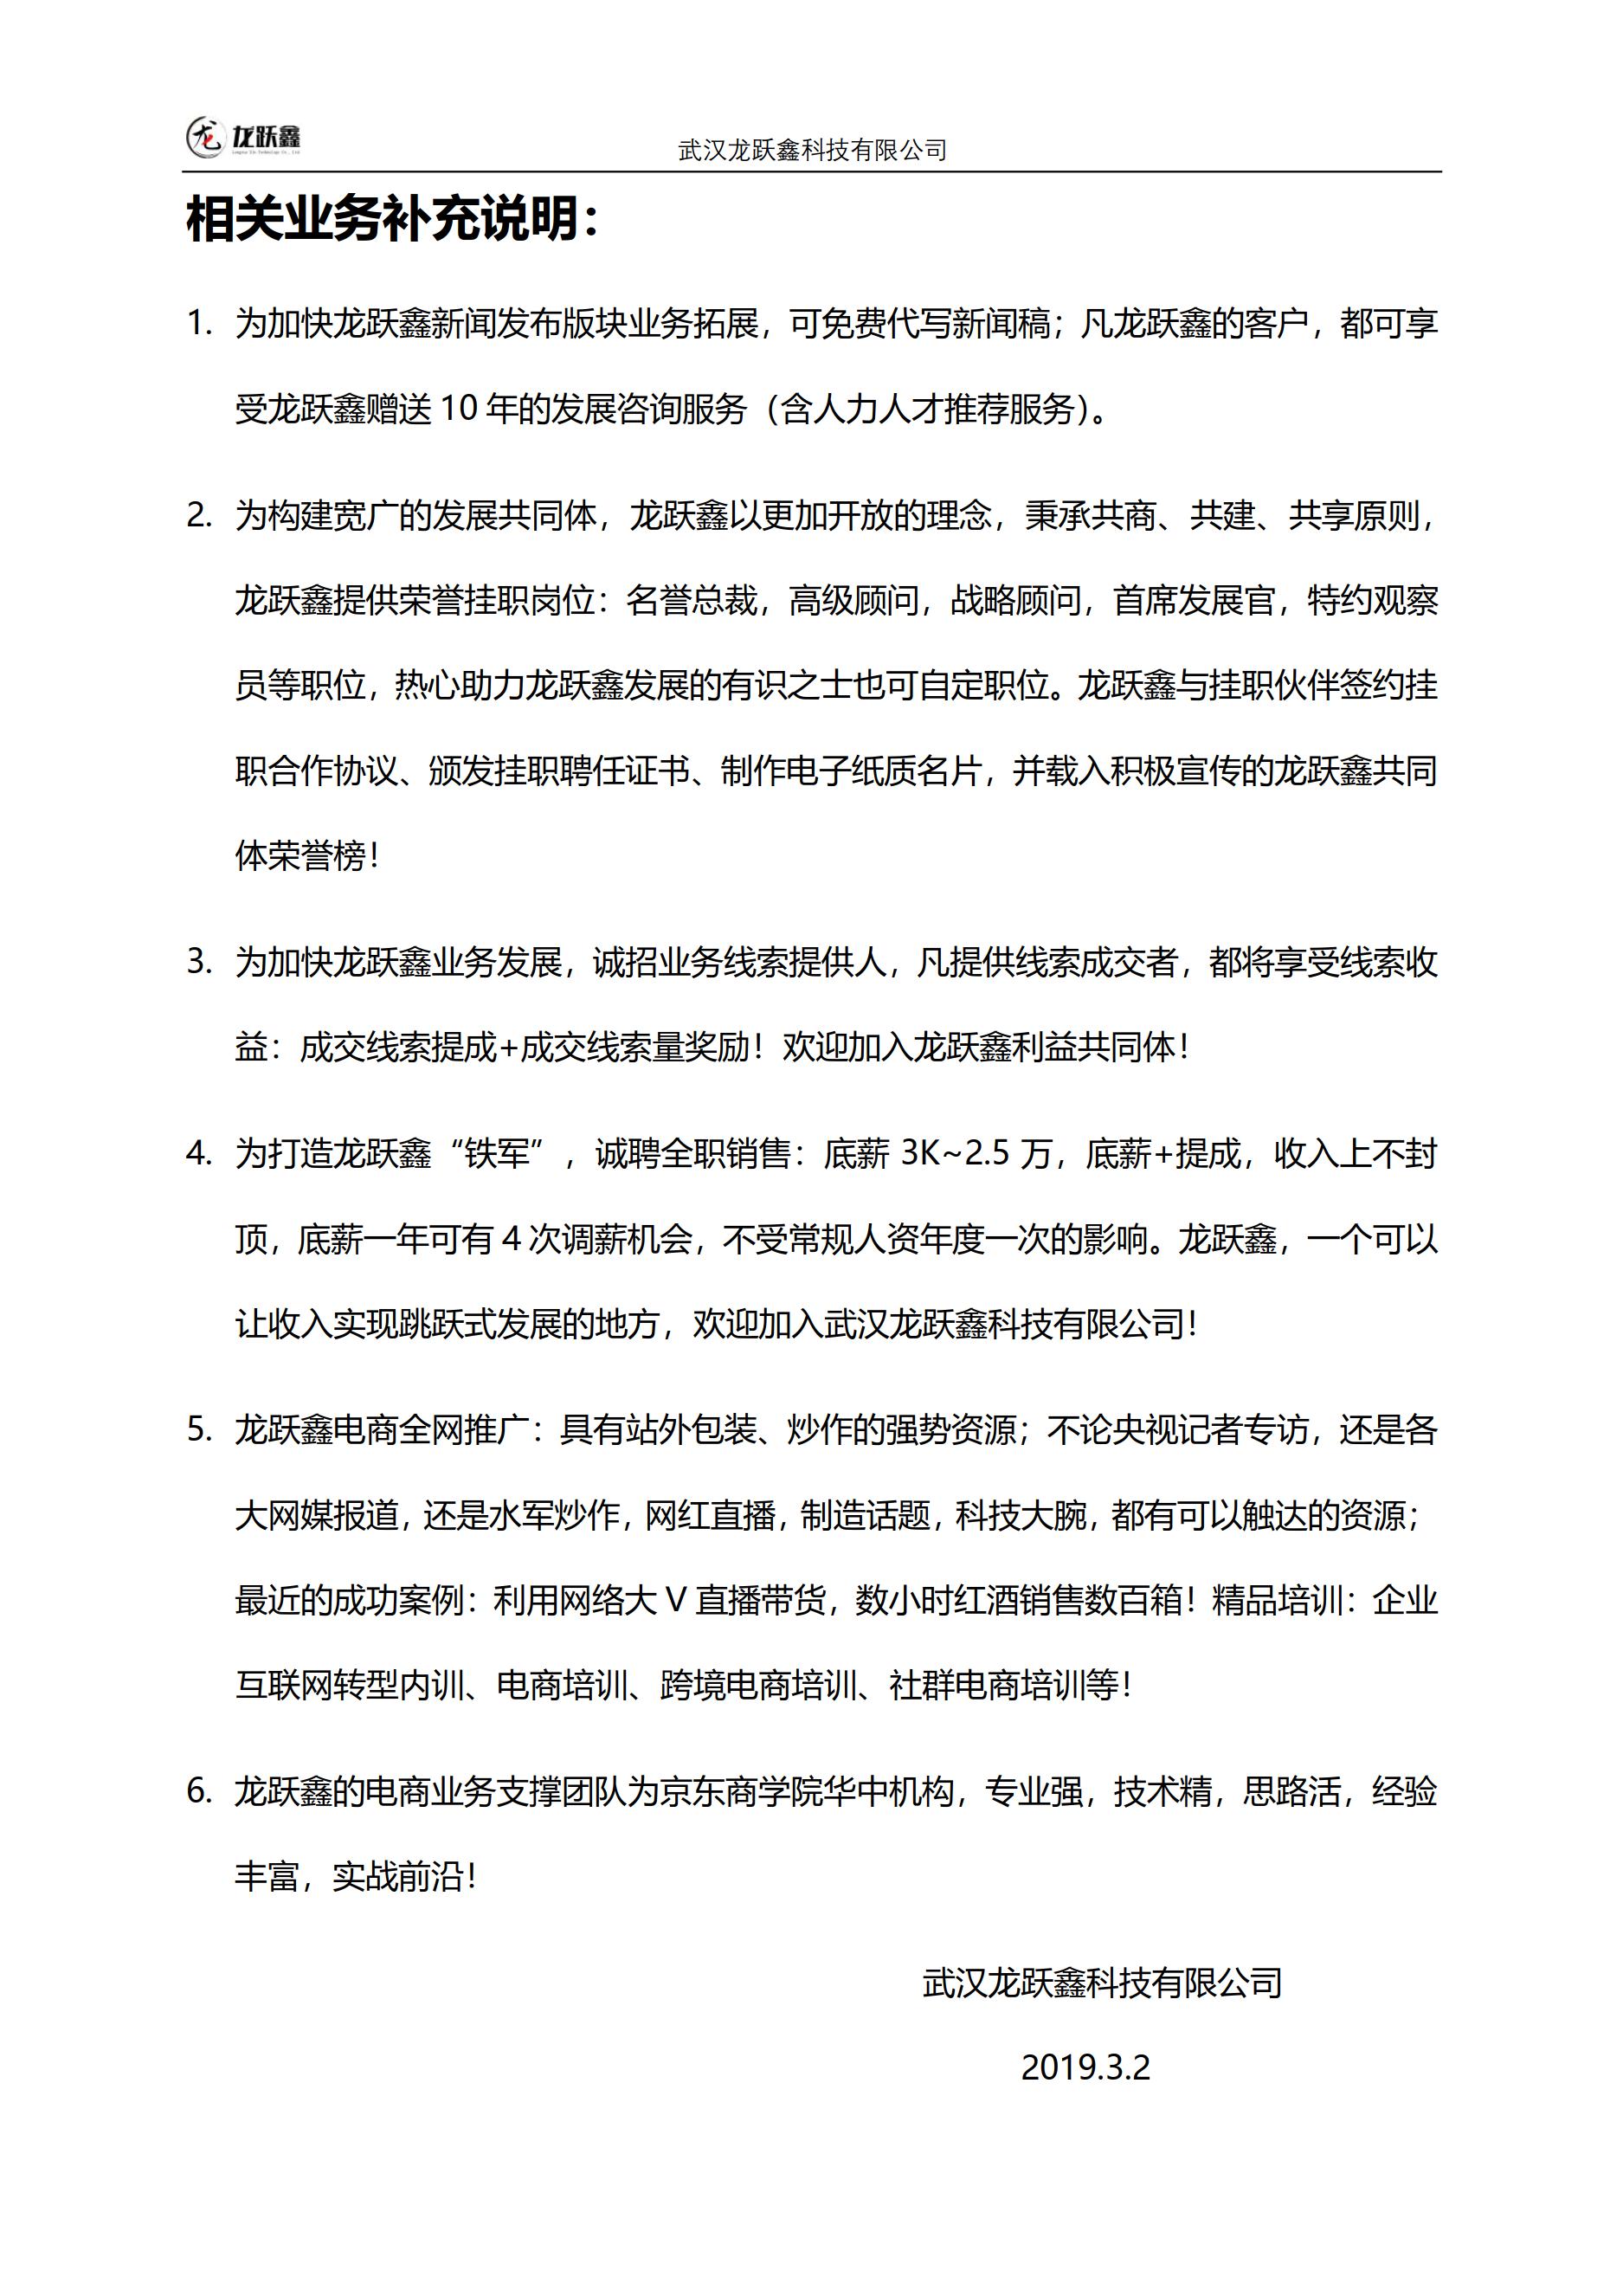 武漢龍躍鑫新聞發布服務